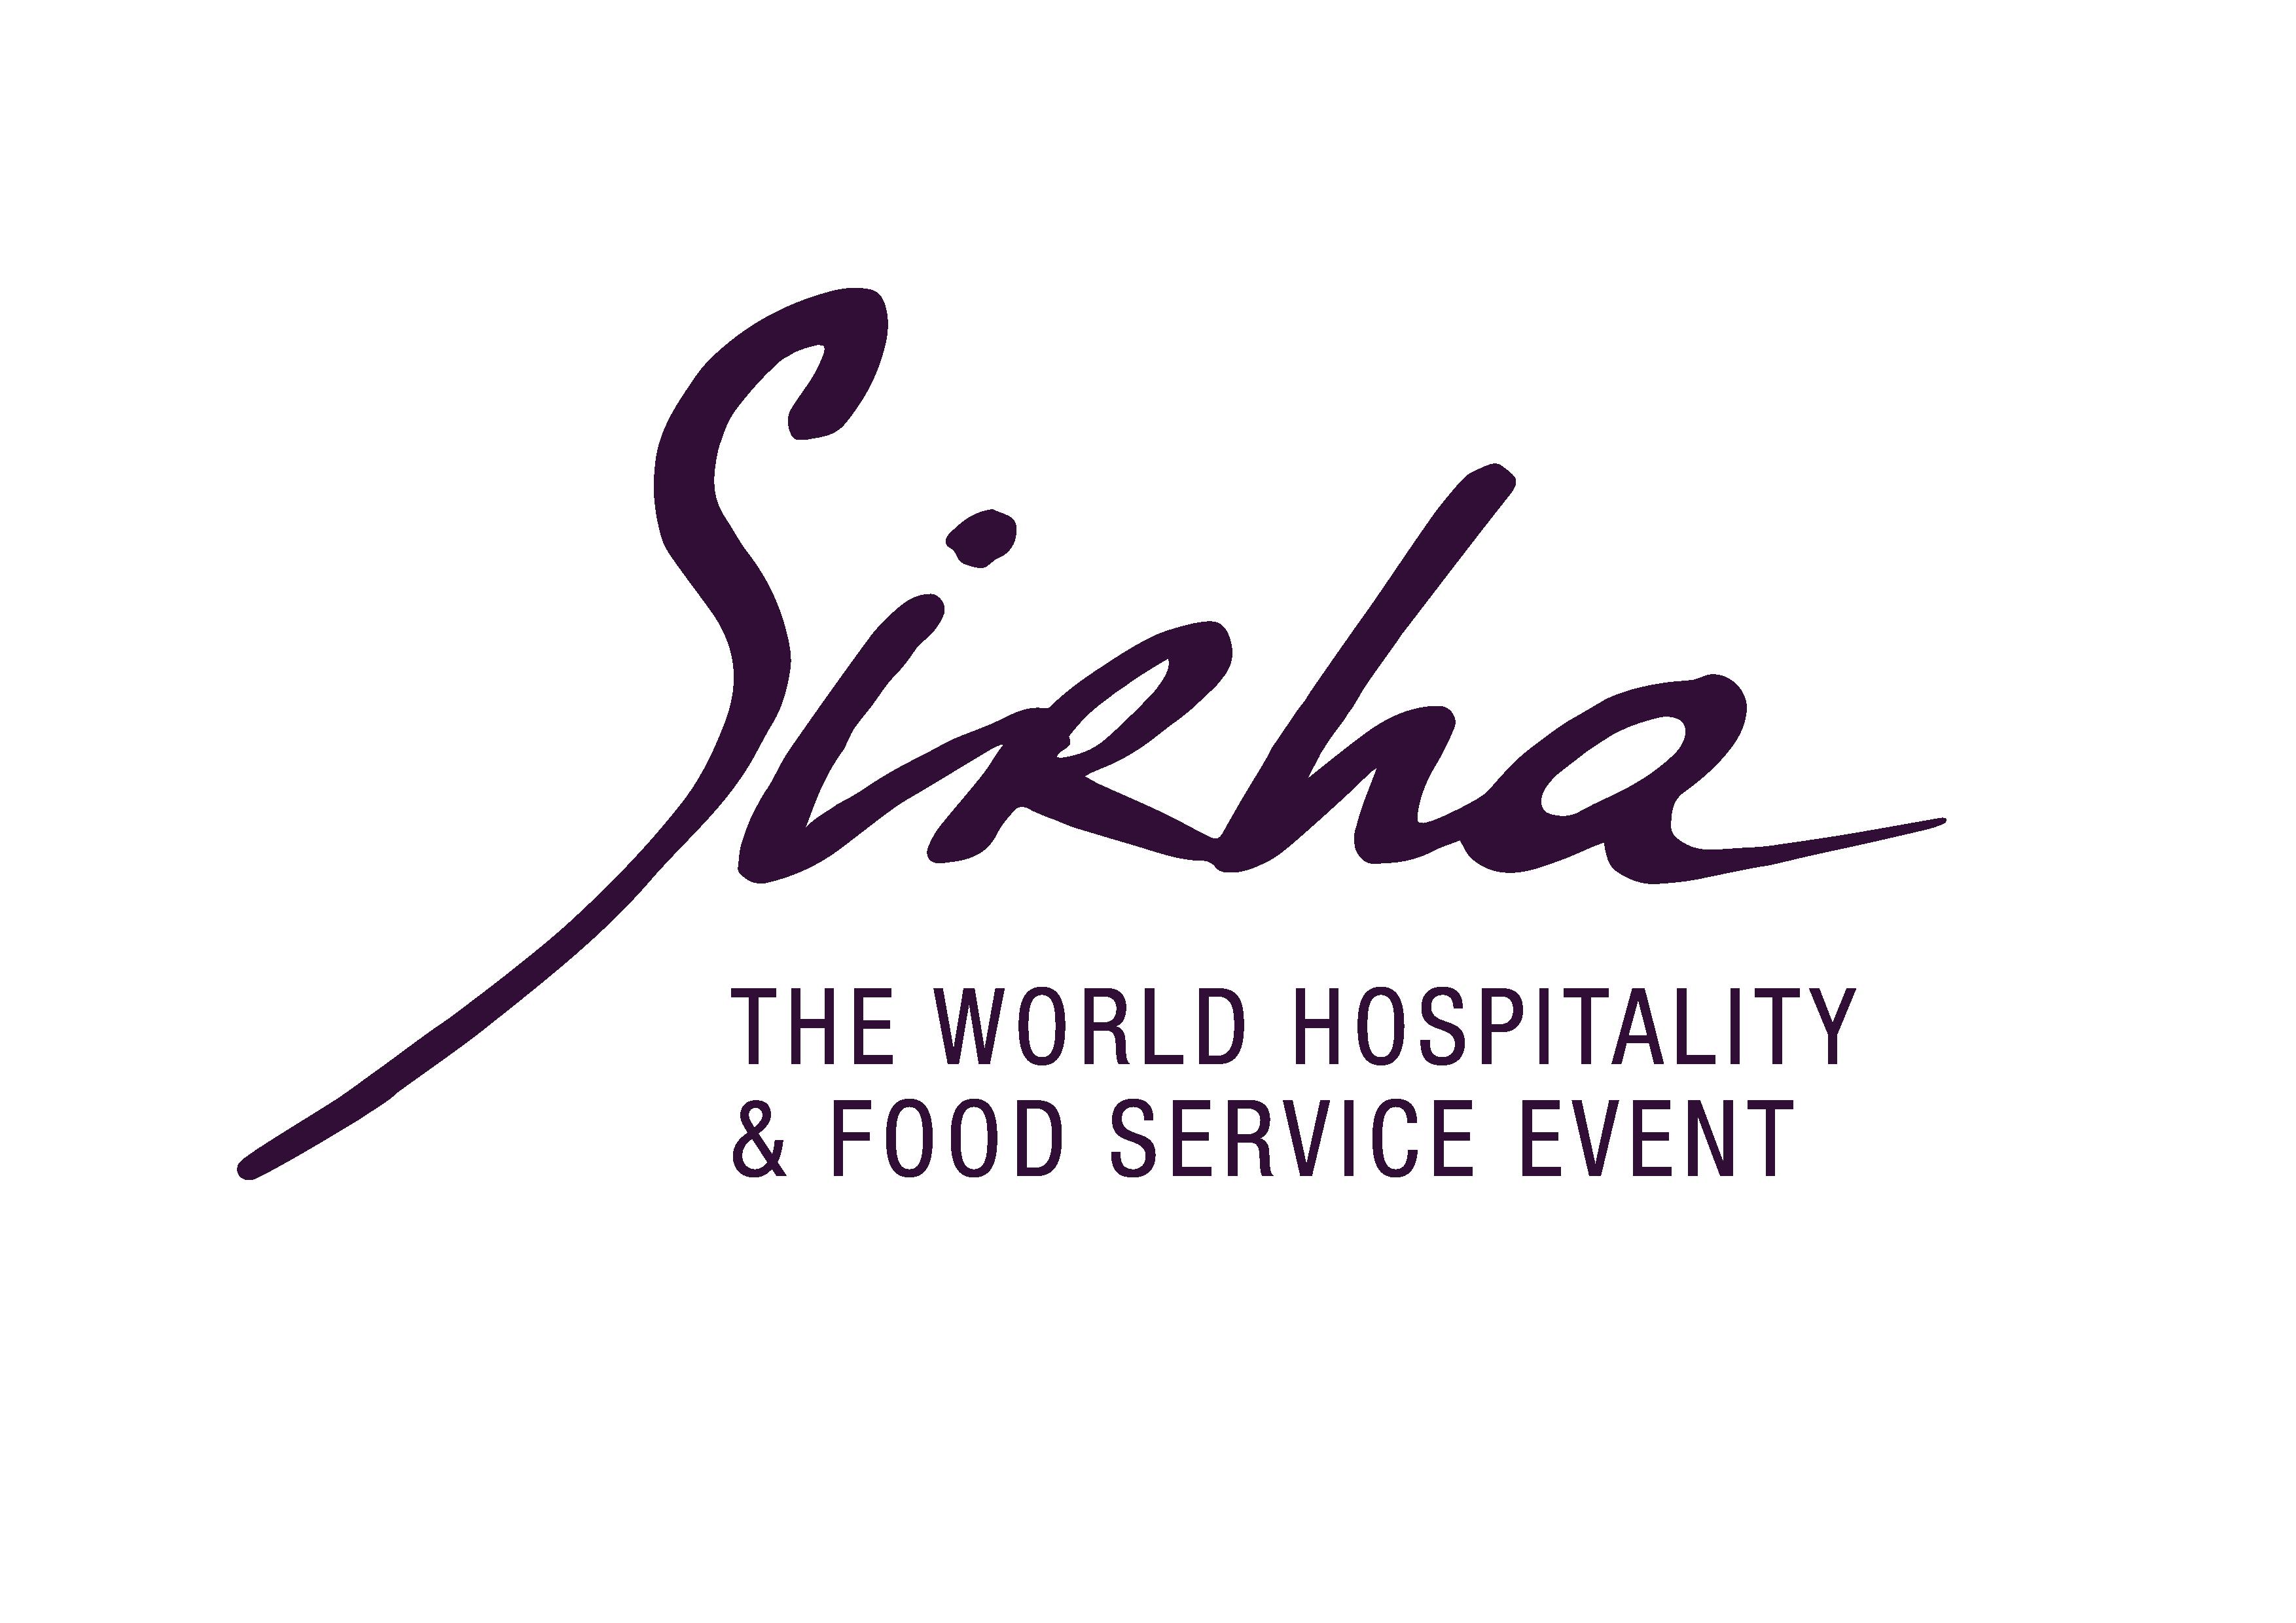 SIRHA, 21. – 25. Januar 2017 EUREXPO / Lyon